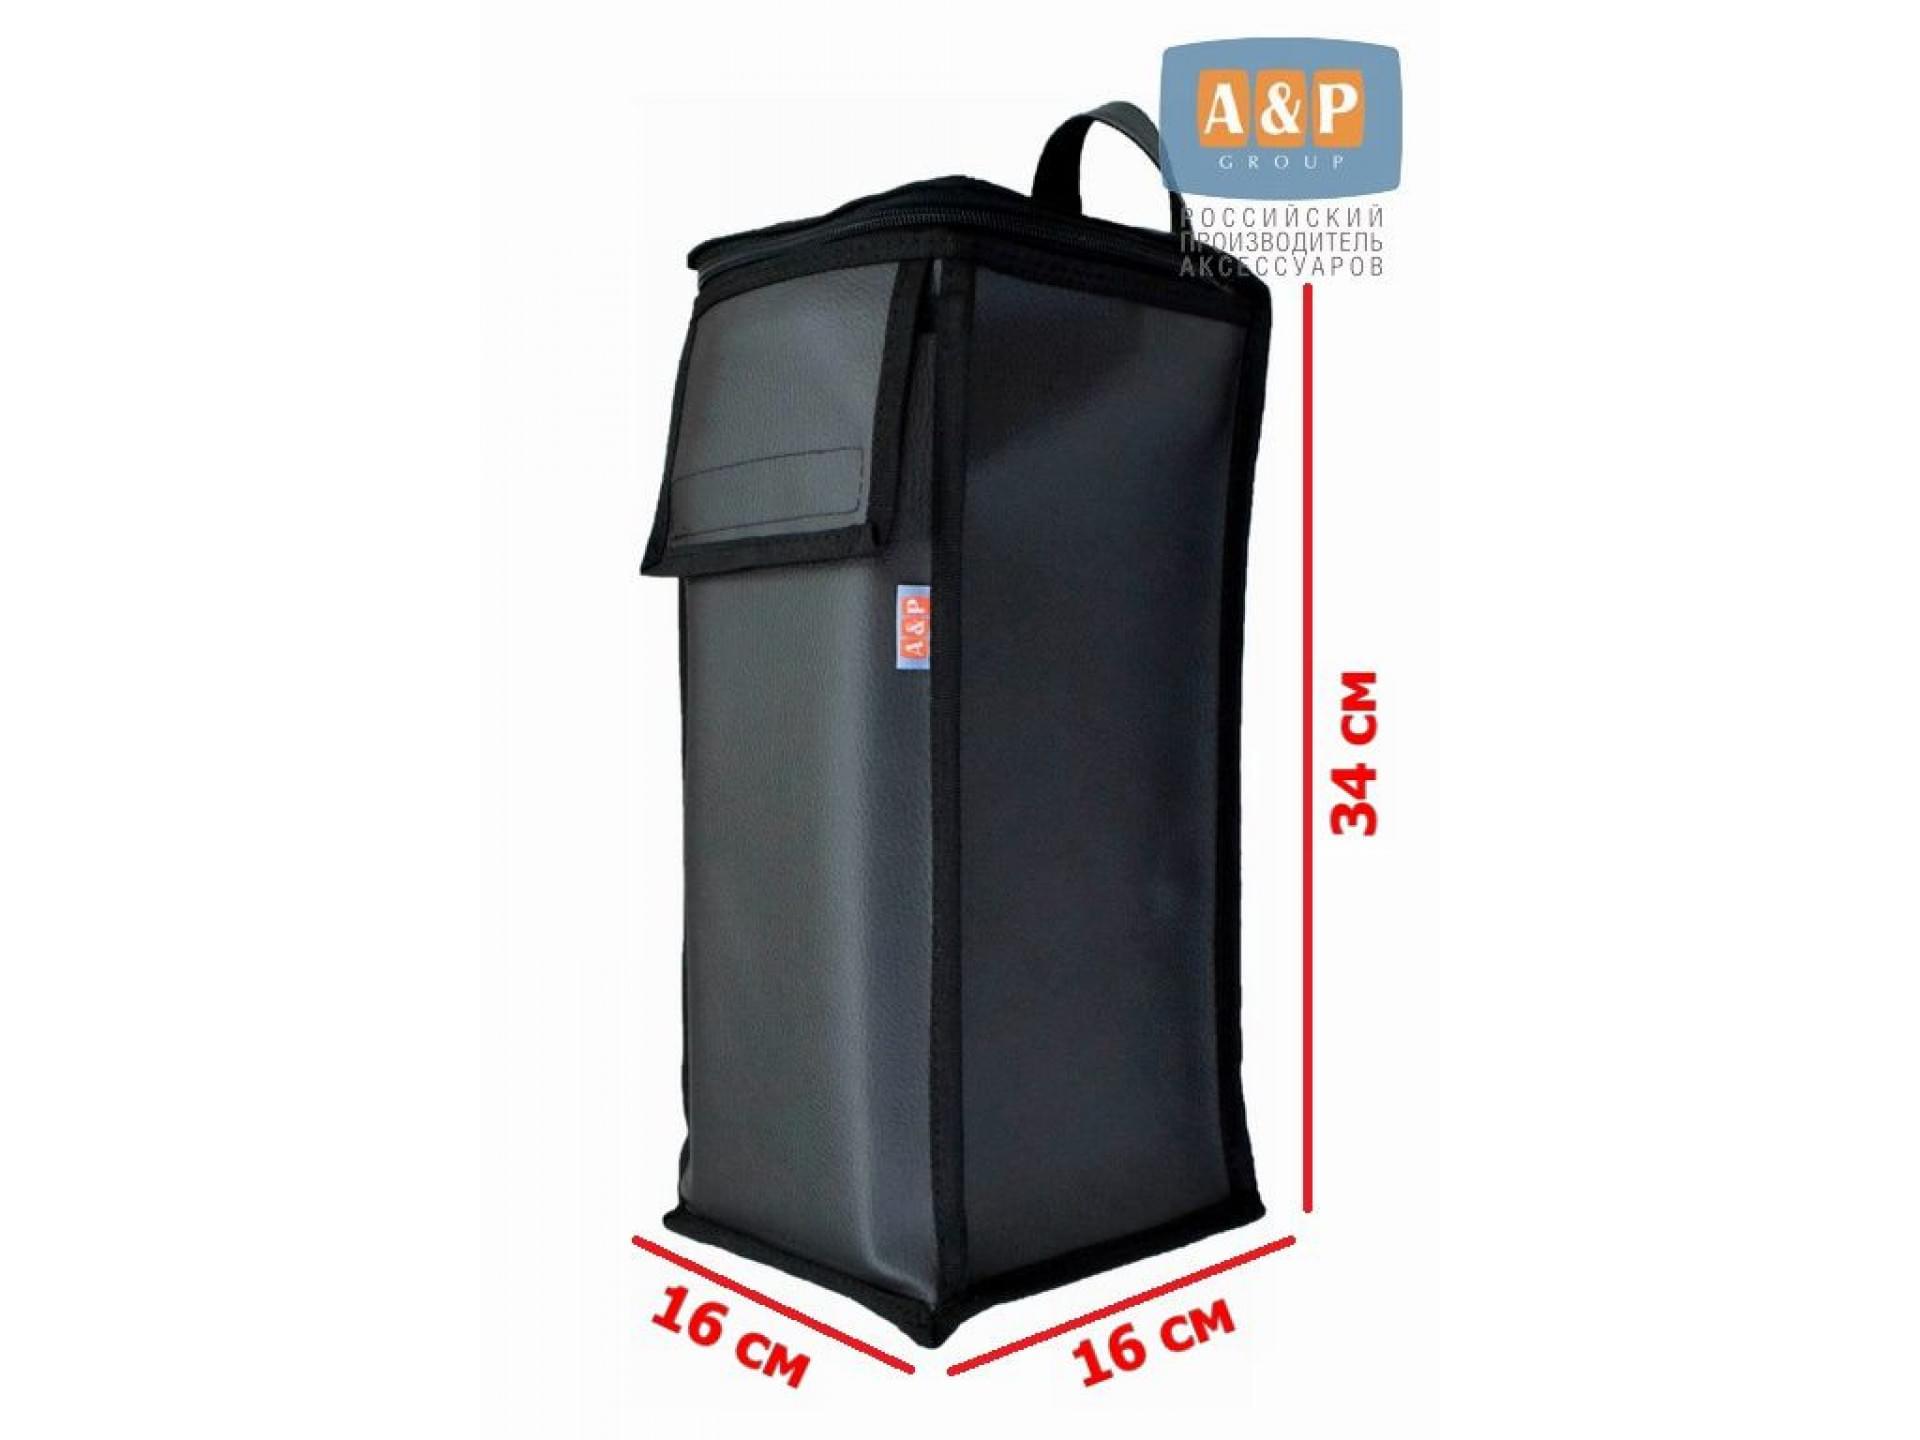 Сумка для домкрата или ножного насоса. Размеры 34х16х16 см. Материал – искусственная кожа.